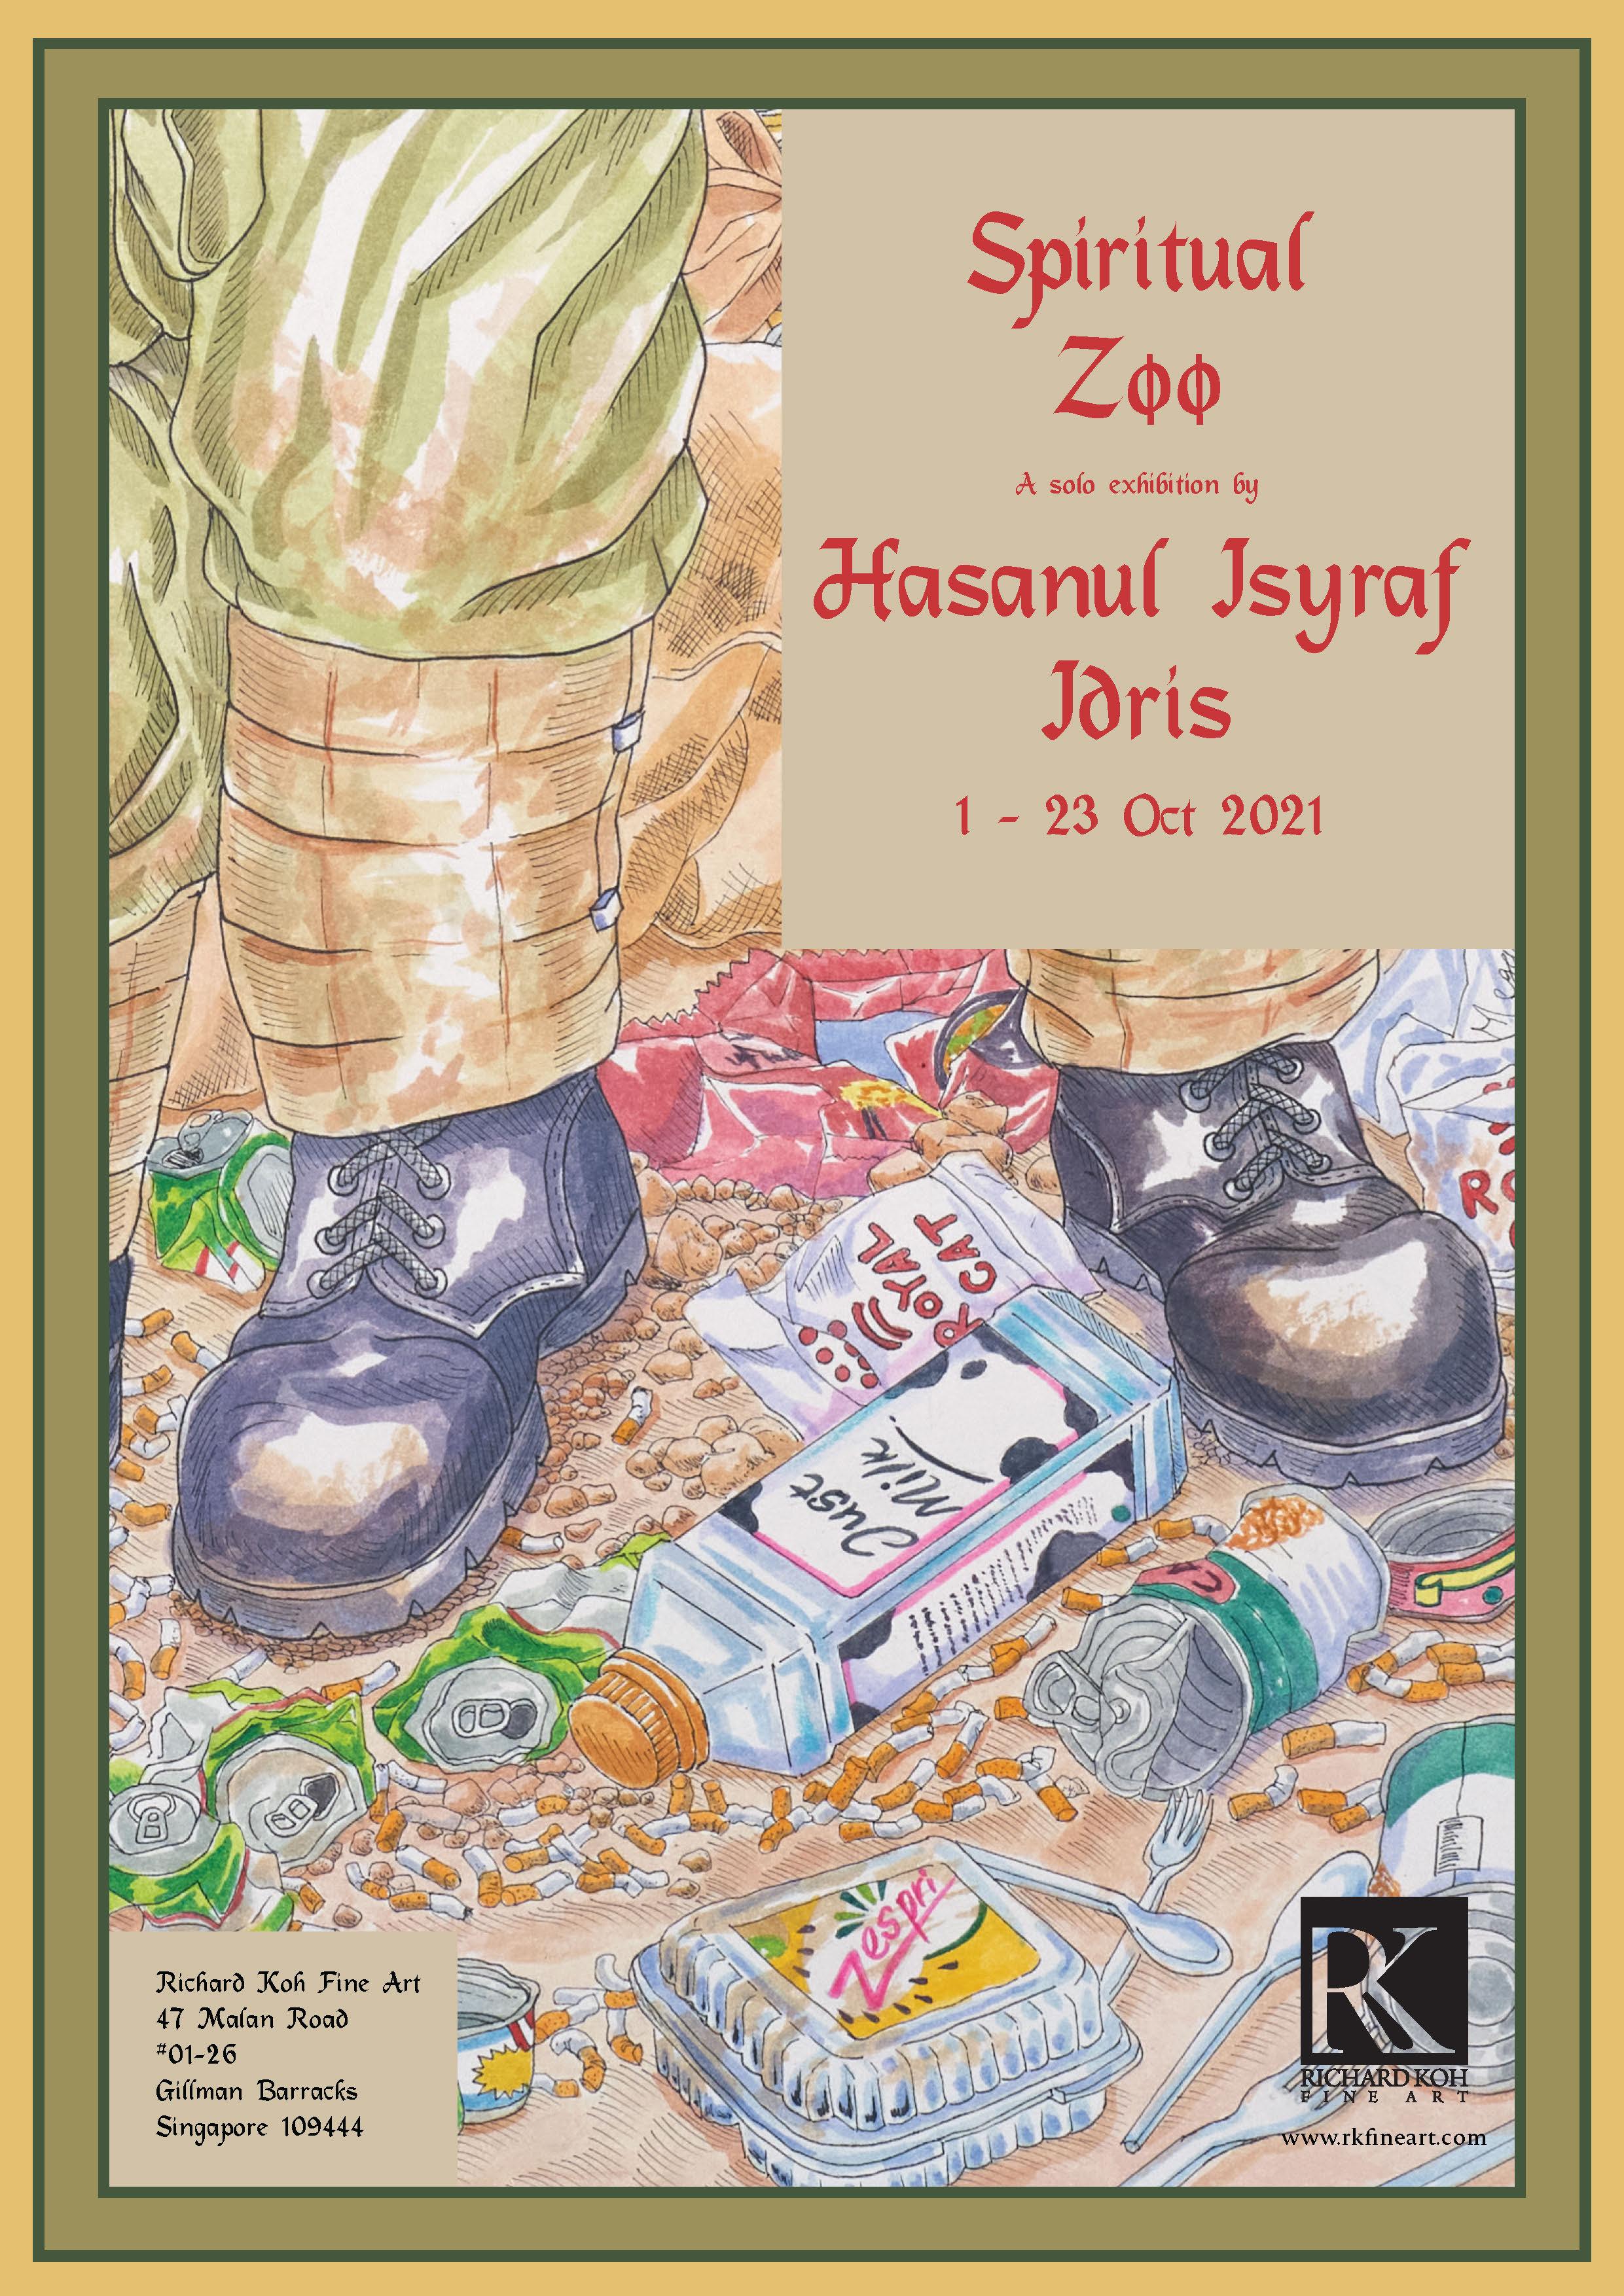 Hasanul Isyraf Idris – Spiritual Zoo